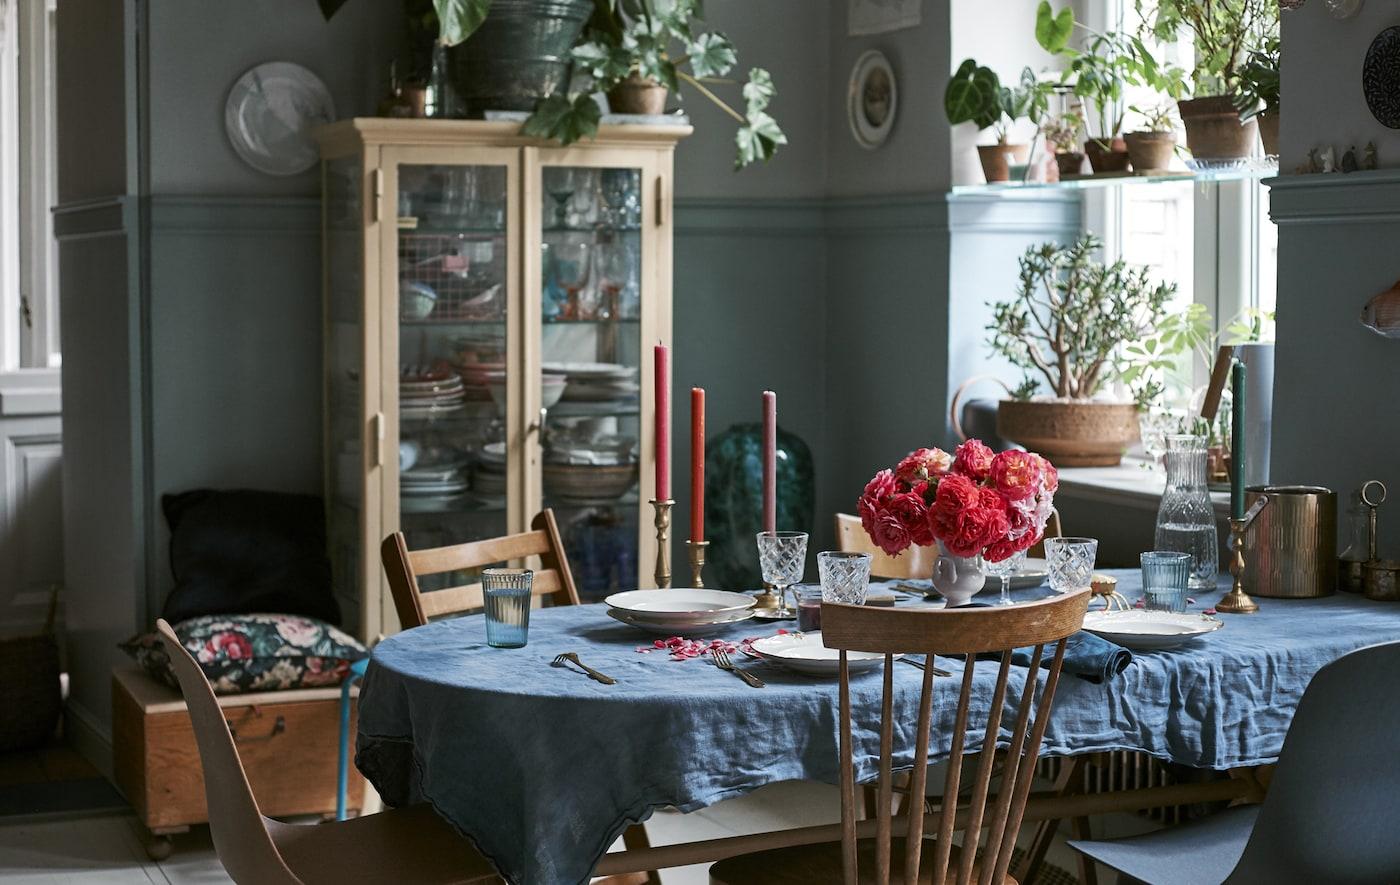 Un comedor con cubertería, cristalería, sillas y cojines.